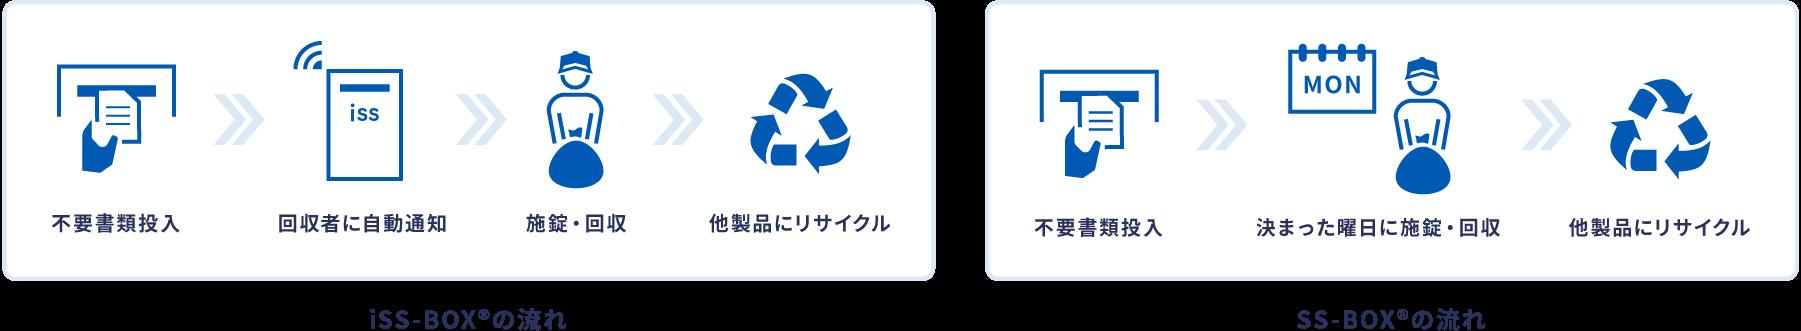 機密文書廃棄サービス「iSS-BOX® / SS-BOX®」 | 3PLを極める NTTロジスコ